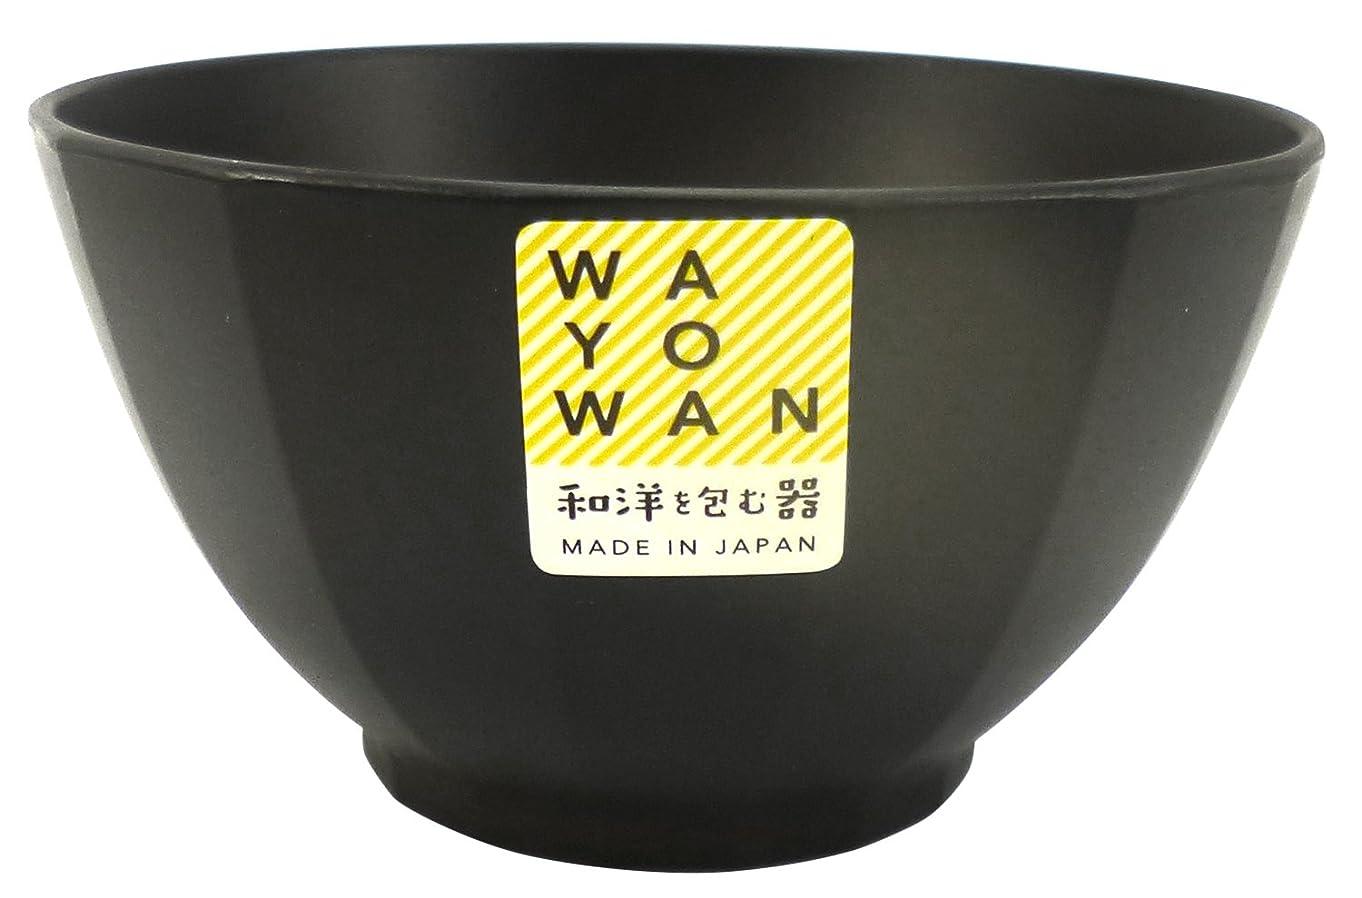 曲線ディスコ前奏曲アサヒ興洋 日本製 WAYOWAN 手になじむうつわ スグ型 丼ぶり こげ茶 14.3×14.3×8.1cm AZ16-62